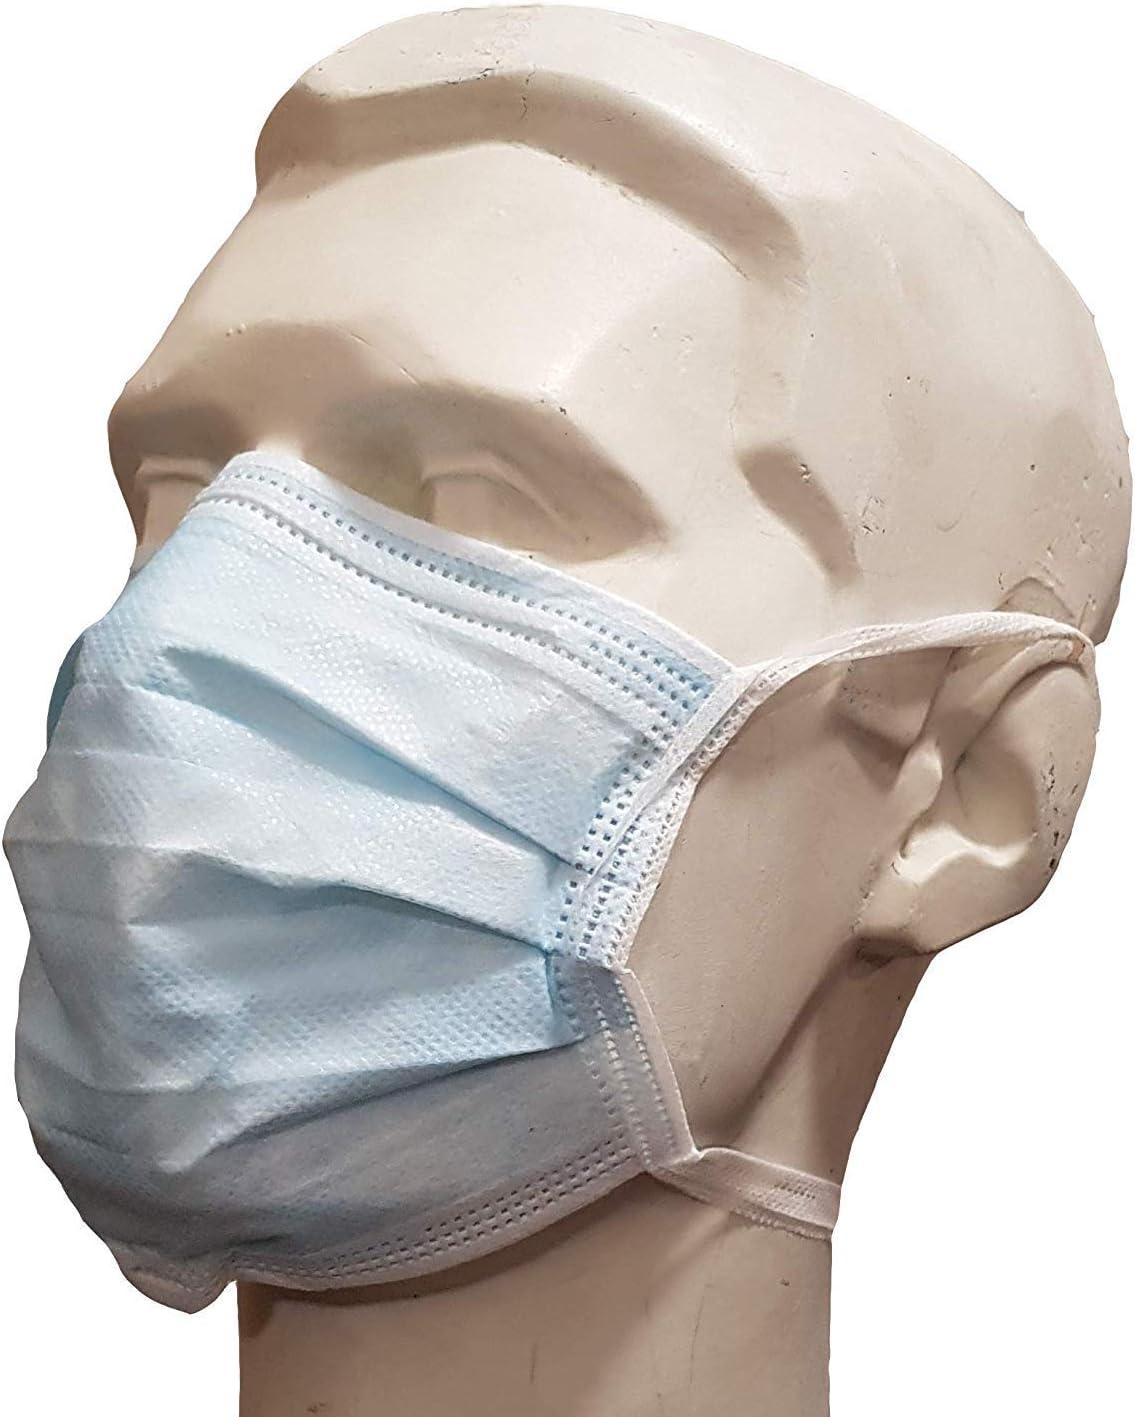 Máscaras faciales Desechables de 3 Capas con Bucle para la Oreja, Talla única, 10 máscaras en Bolsa con Cierre hermético, Azul